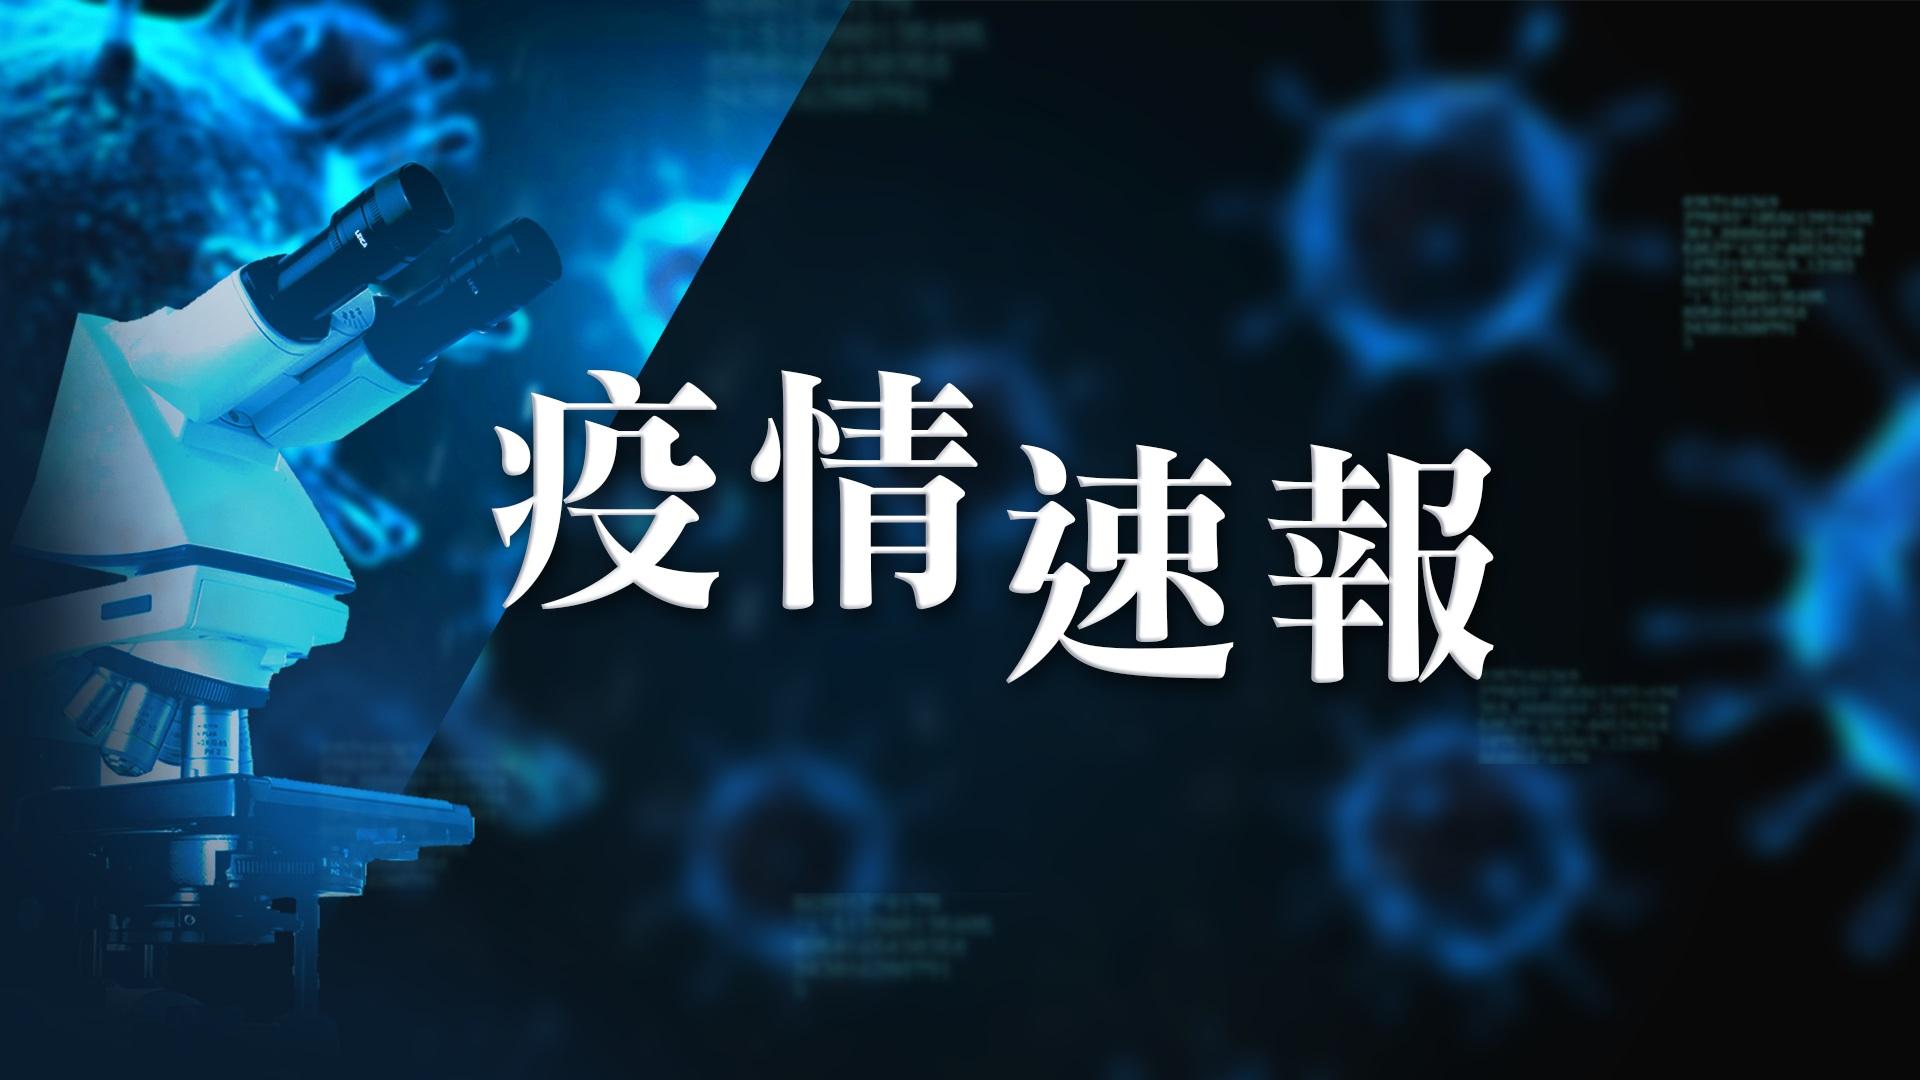 【9月27日疫情速報】(23:20)